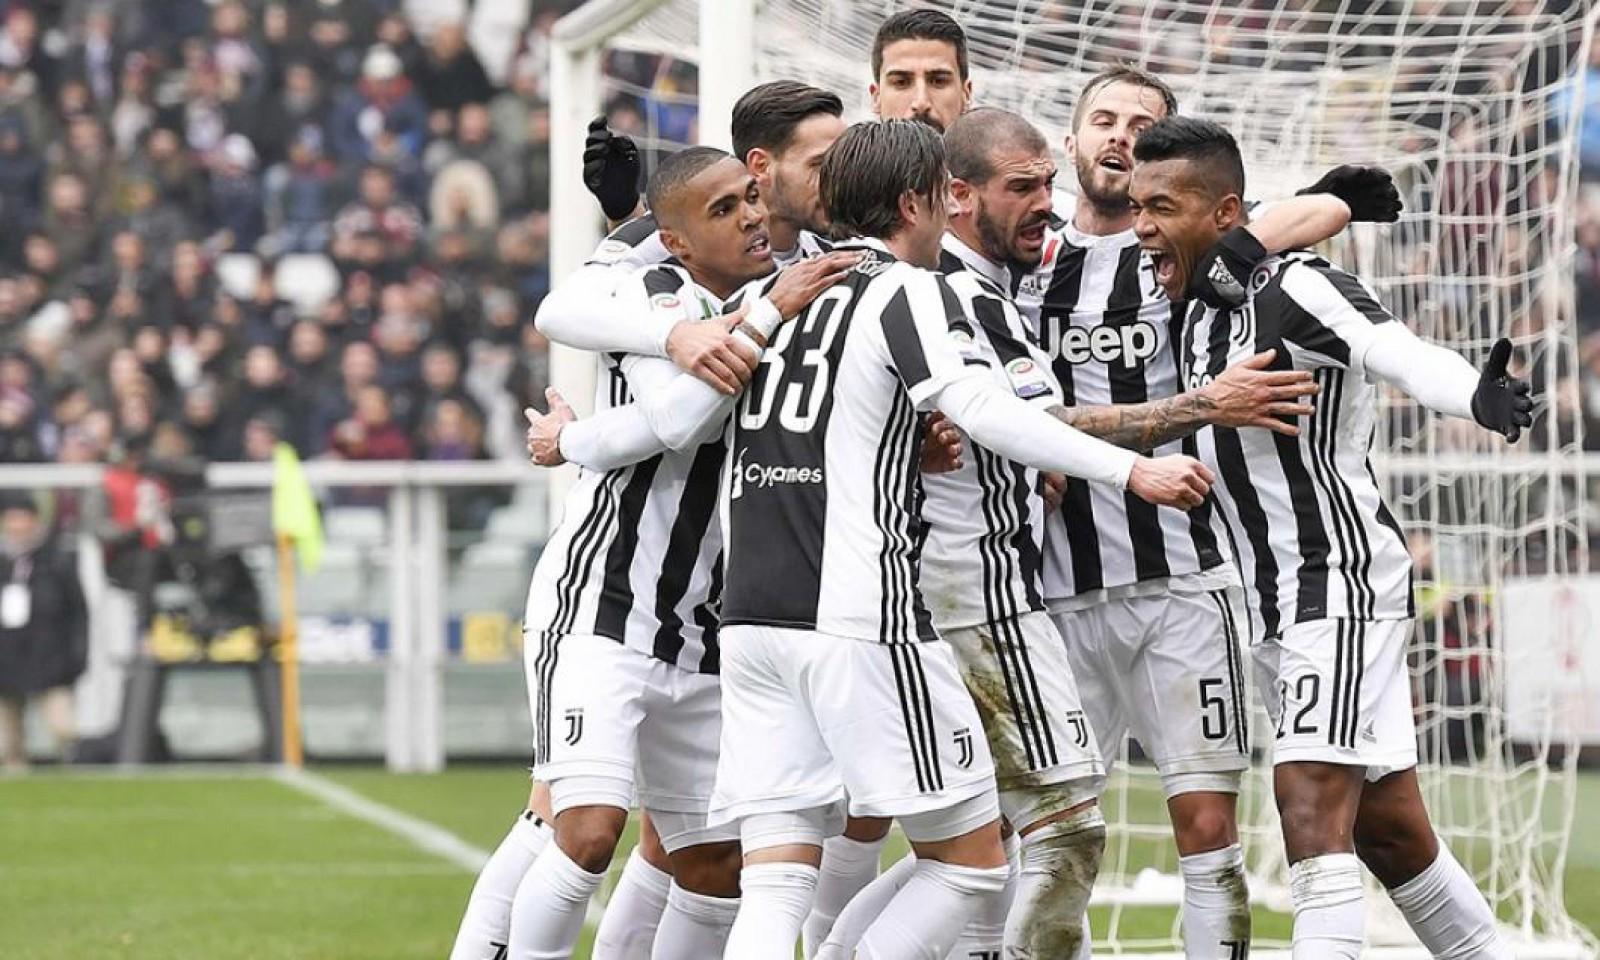 Derby-ul orașului Torino a fost câștigată de Juventus. Echipa lui Massimiliano Allegri continuă cursa pentru titlu în Italia